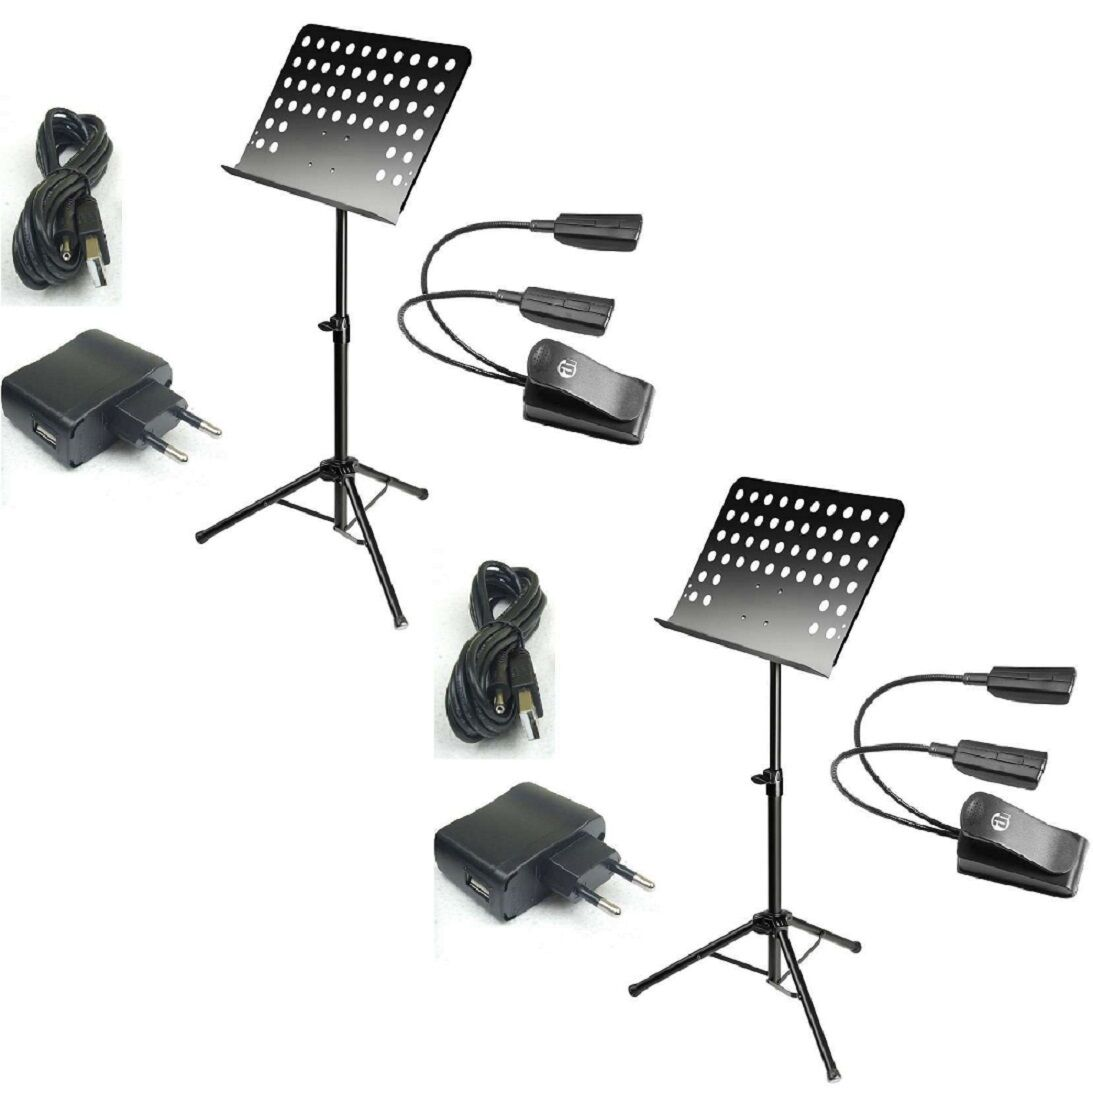 2 x Notenständer zerlegbar + 2-Arm Pultlampe SMS2PRO + USB-Netzteil, Notenstativ